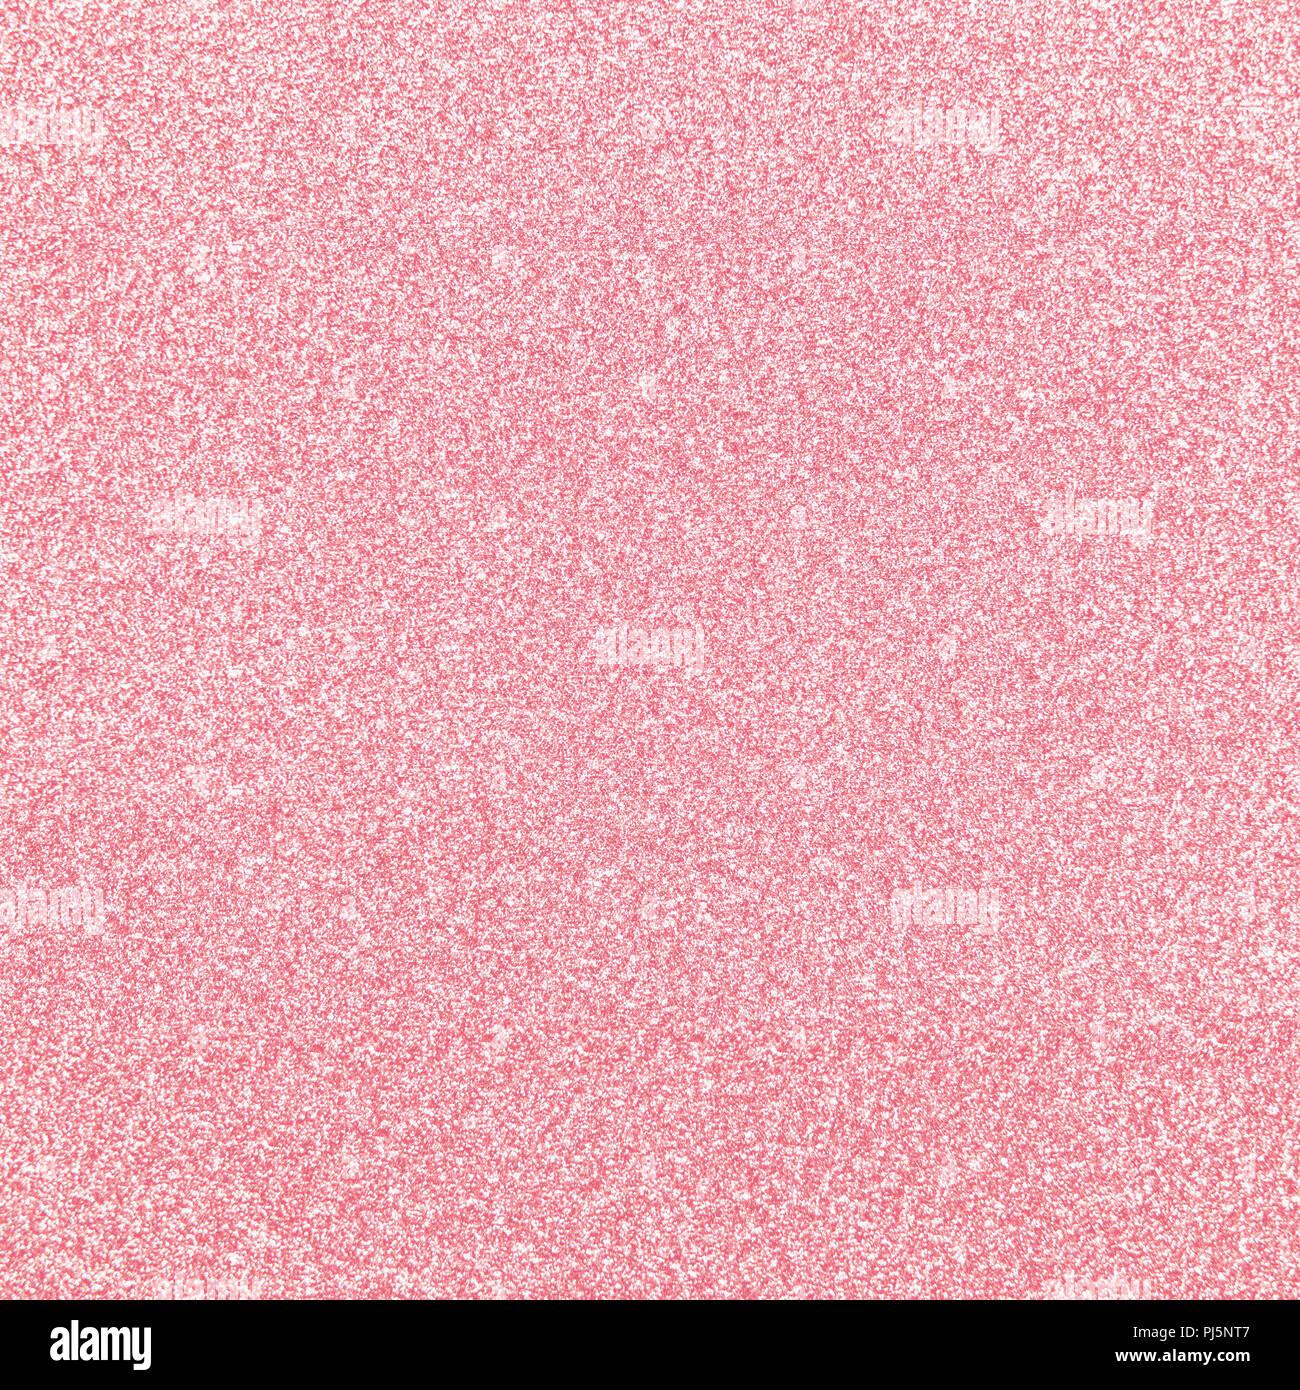 Primo Piano Della Rosa Carta Glitter Per Lo Sfondo Foto Immagine